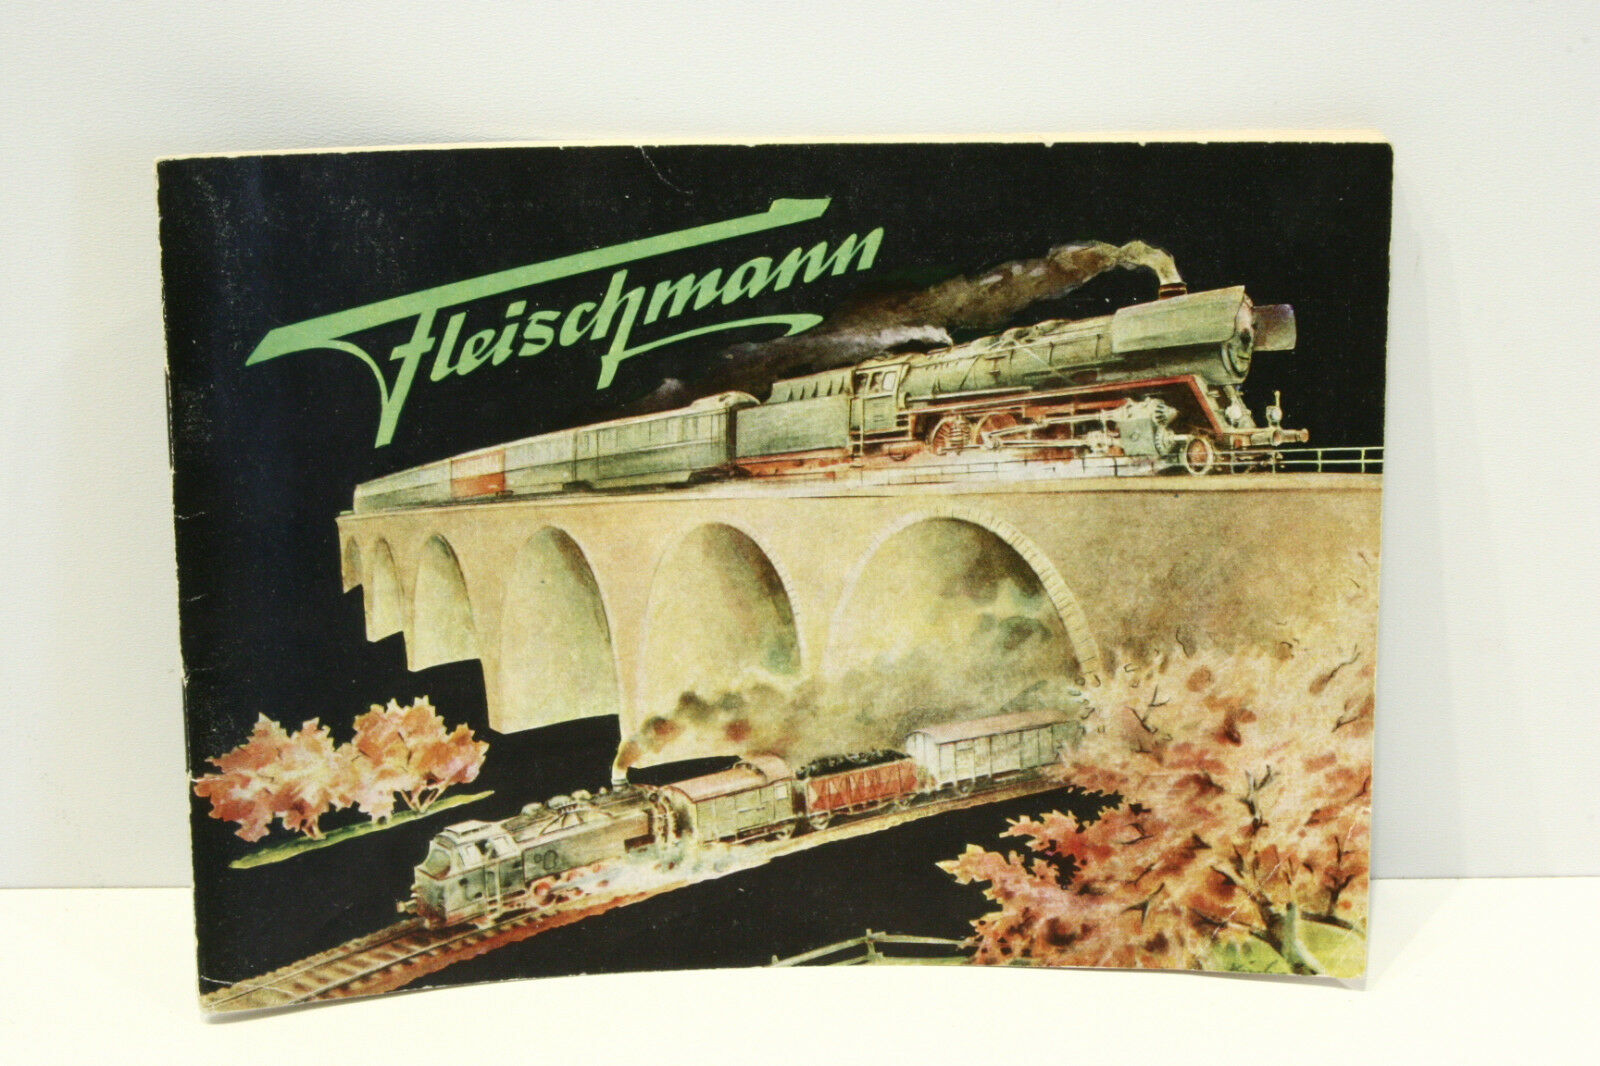 Fleischmann catalogo 1954, molto ben conservato, non forati, non menzioni